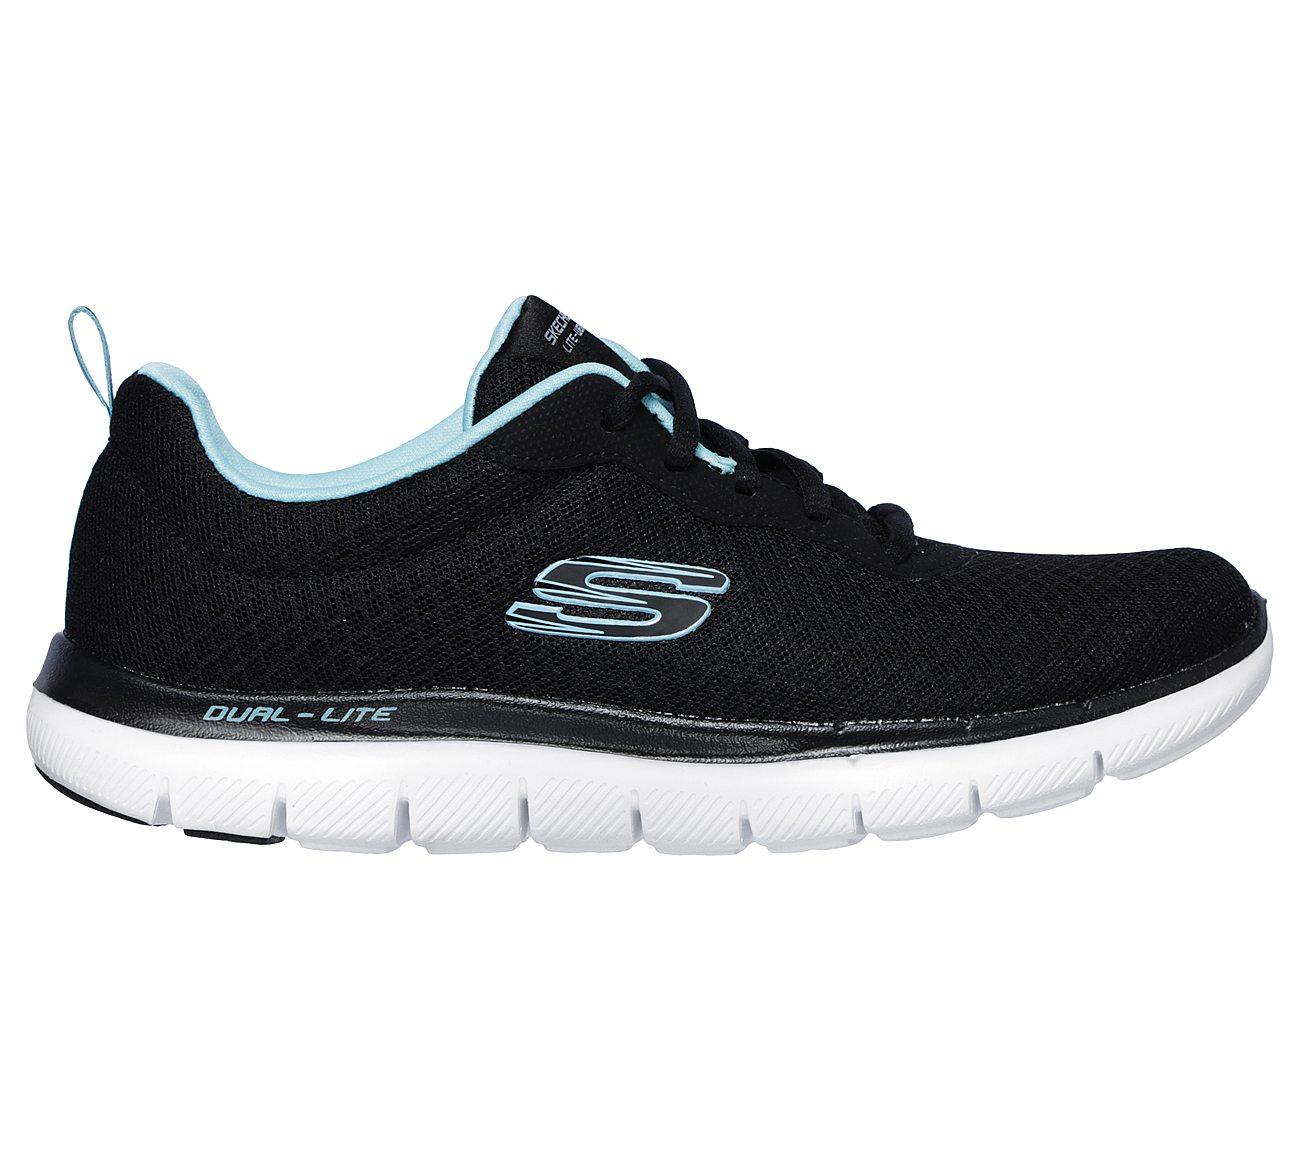 Skechers Women's Flex Appeal 2.0 Newsmaker Sneakers Shoes